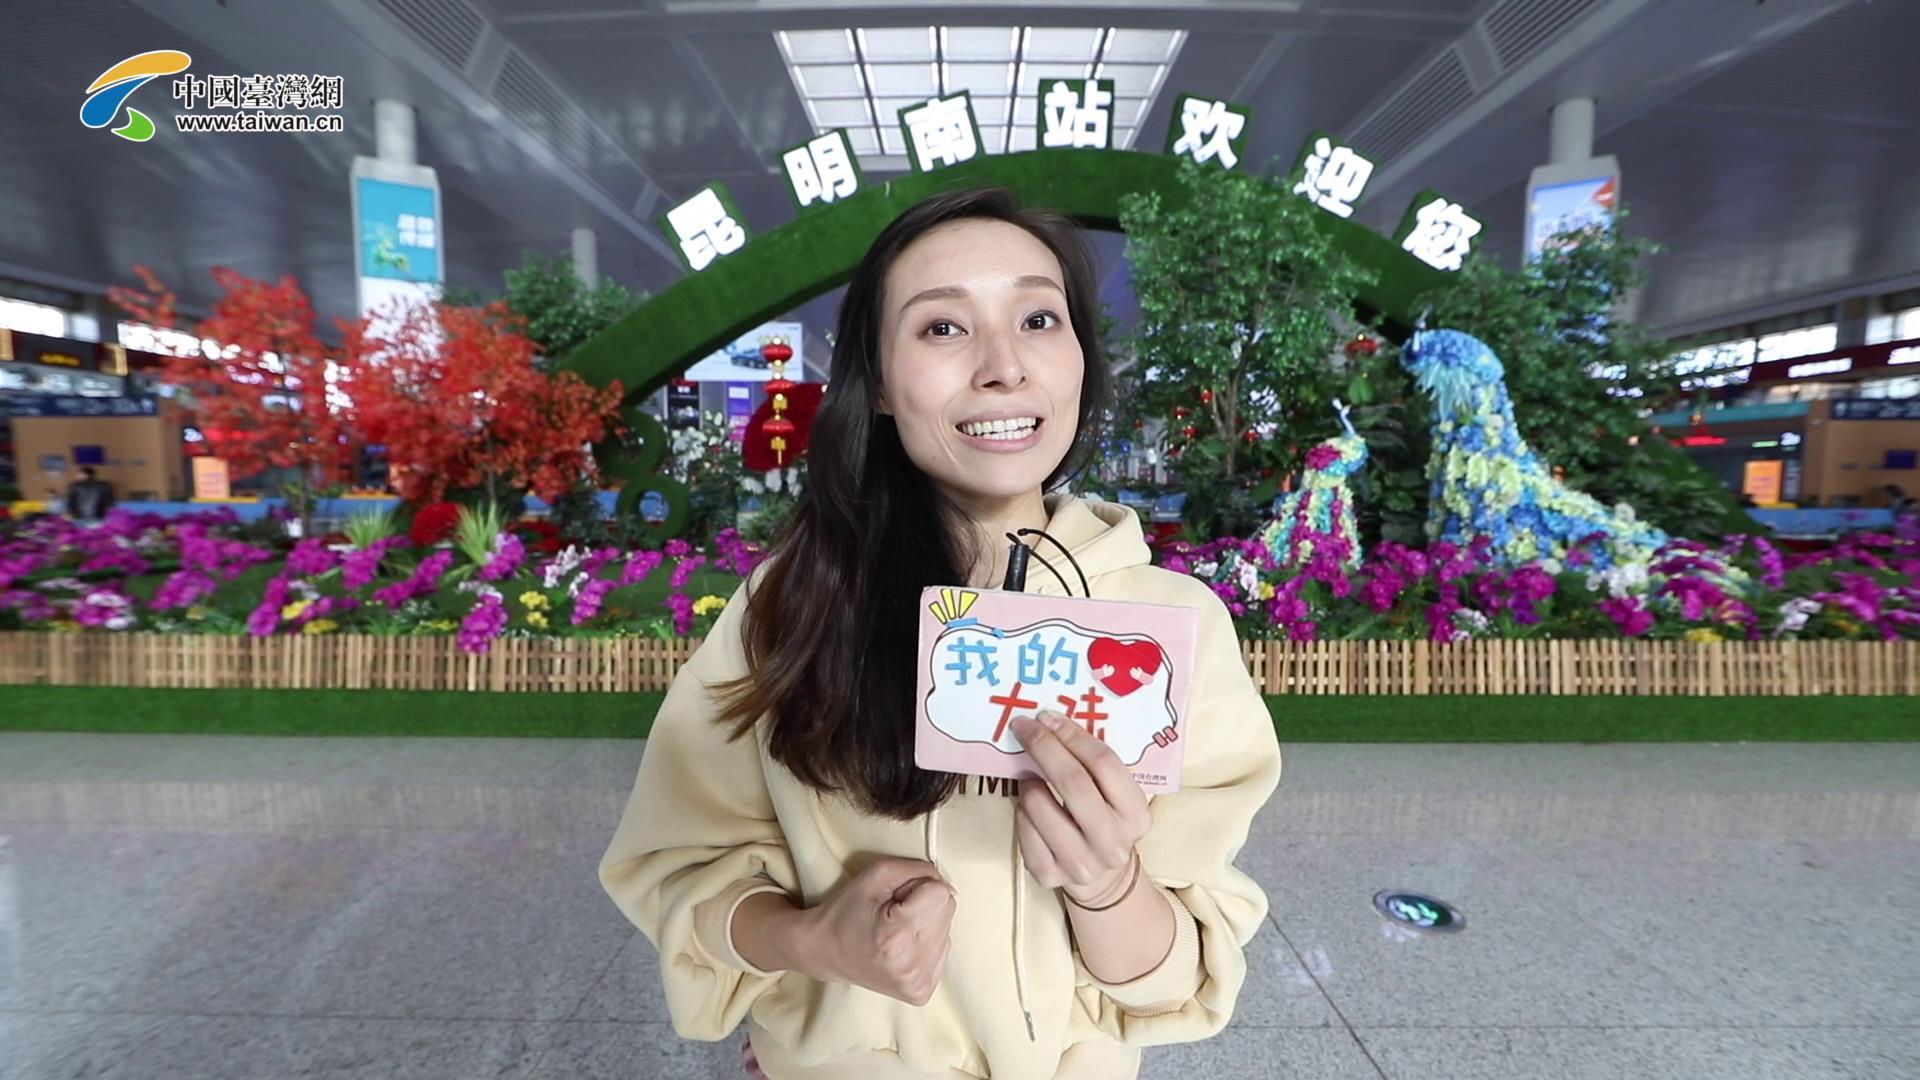 【云南篇】台湾青年震惊大陆高铁发展 在台湾最远也就1.5小时图片